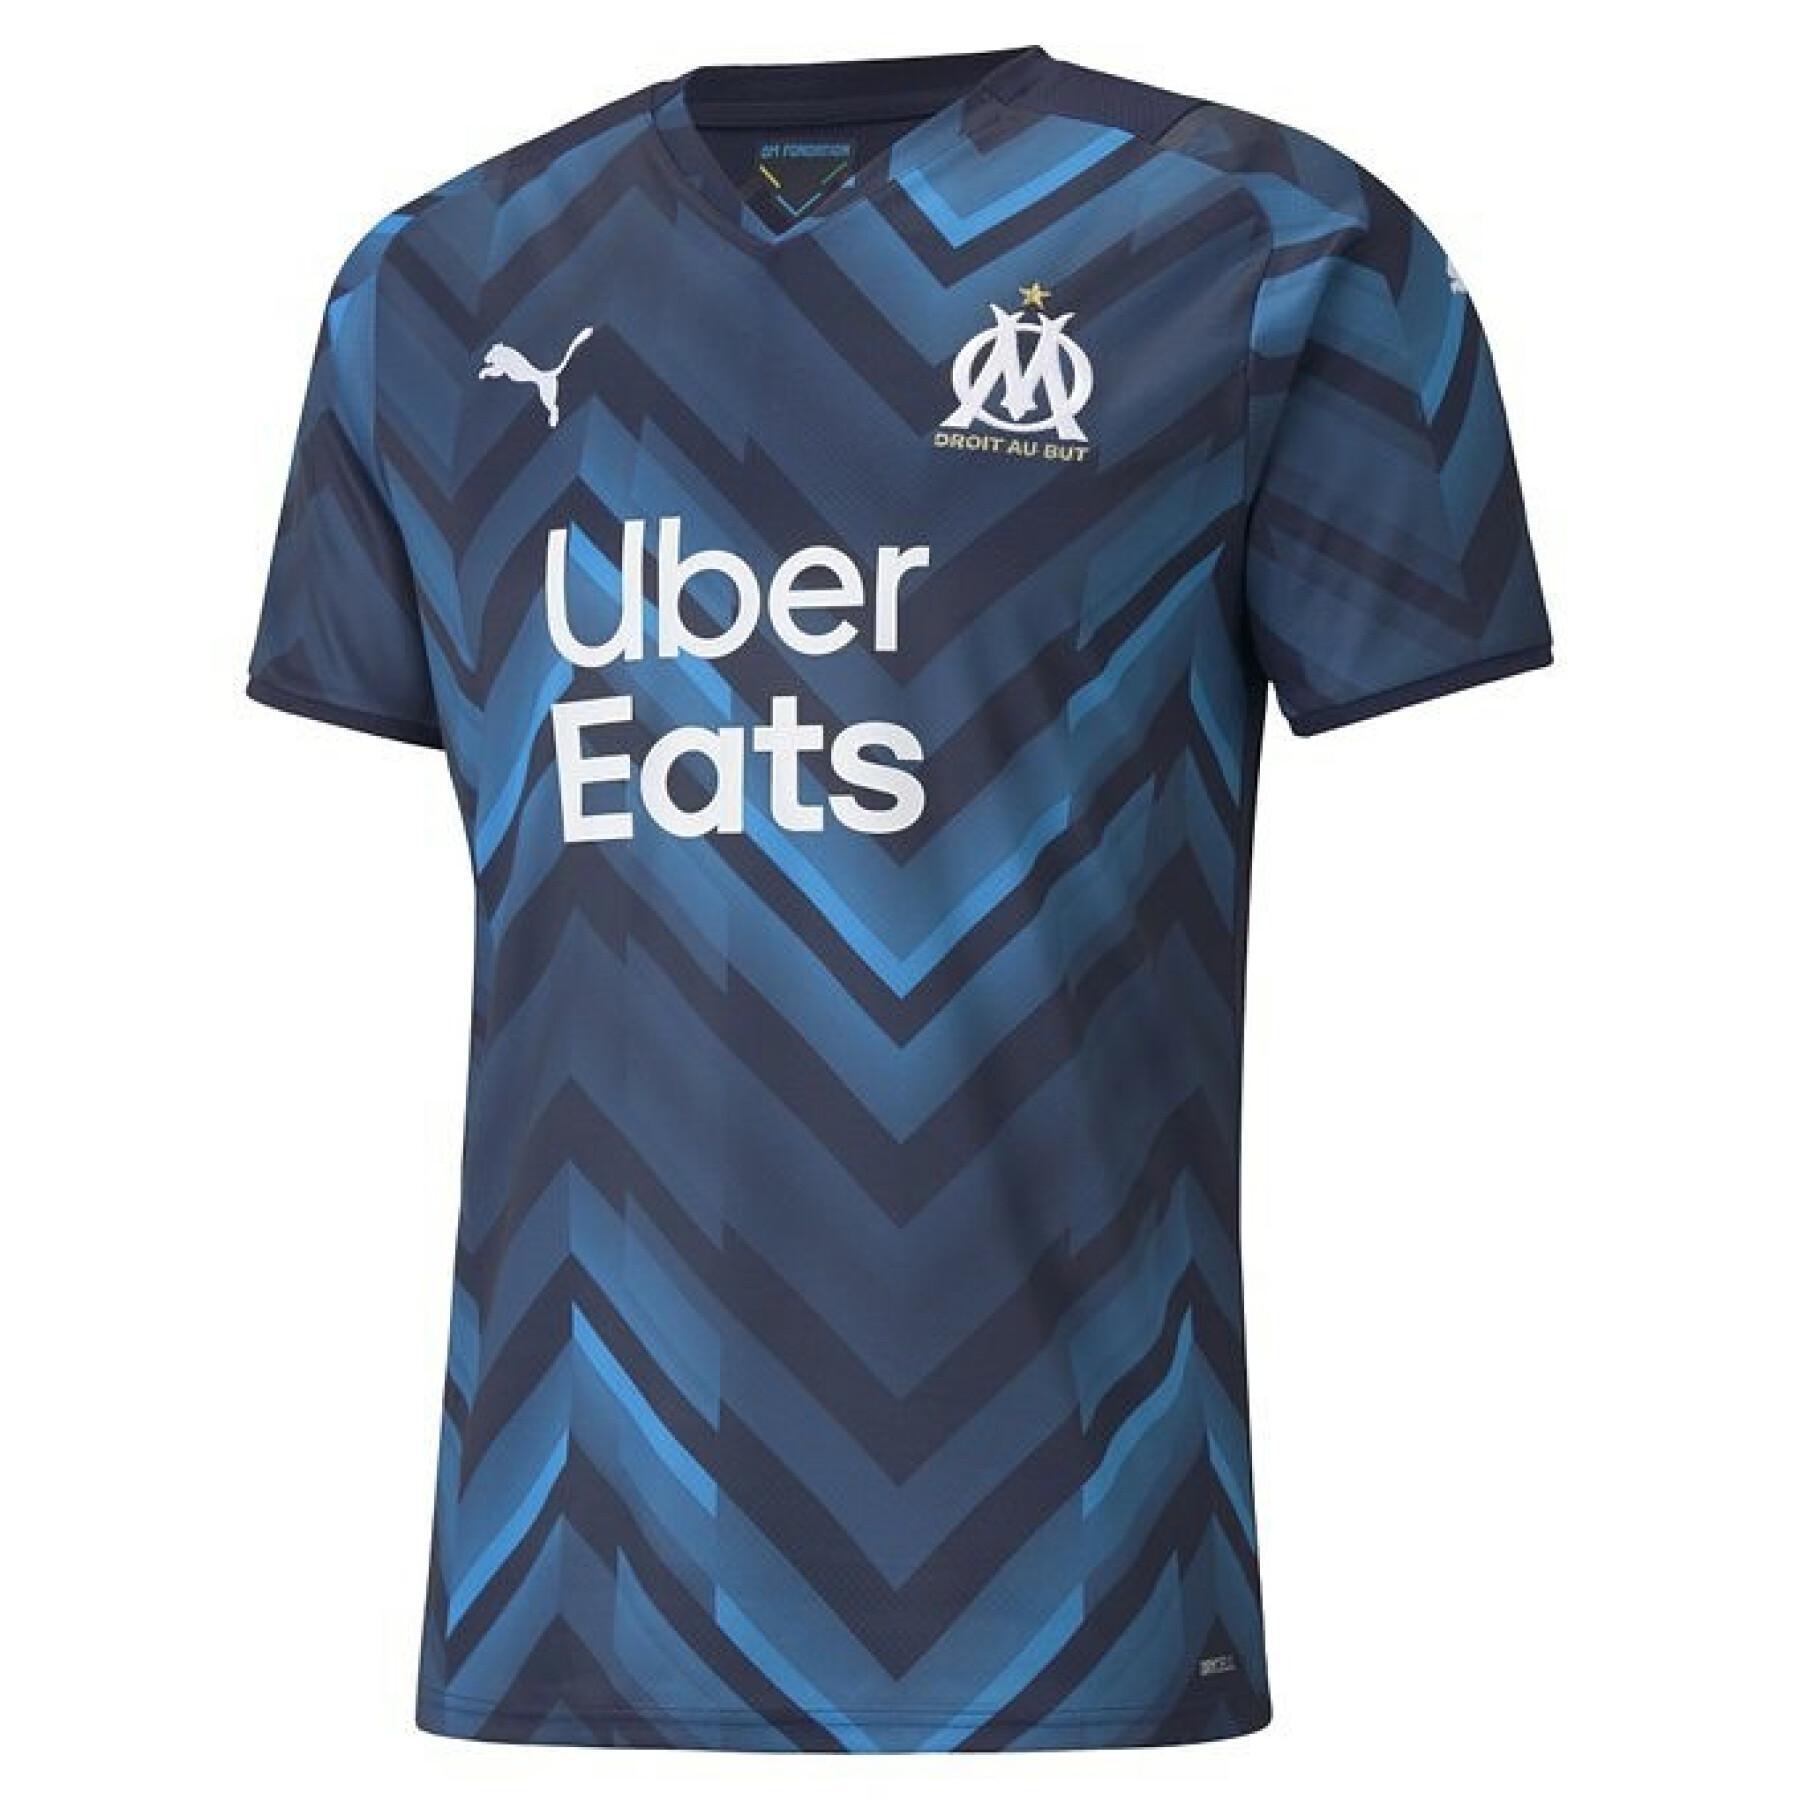 Outdoor jersey OM 2021/22